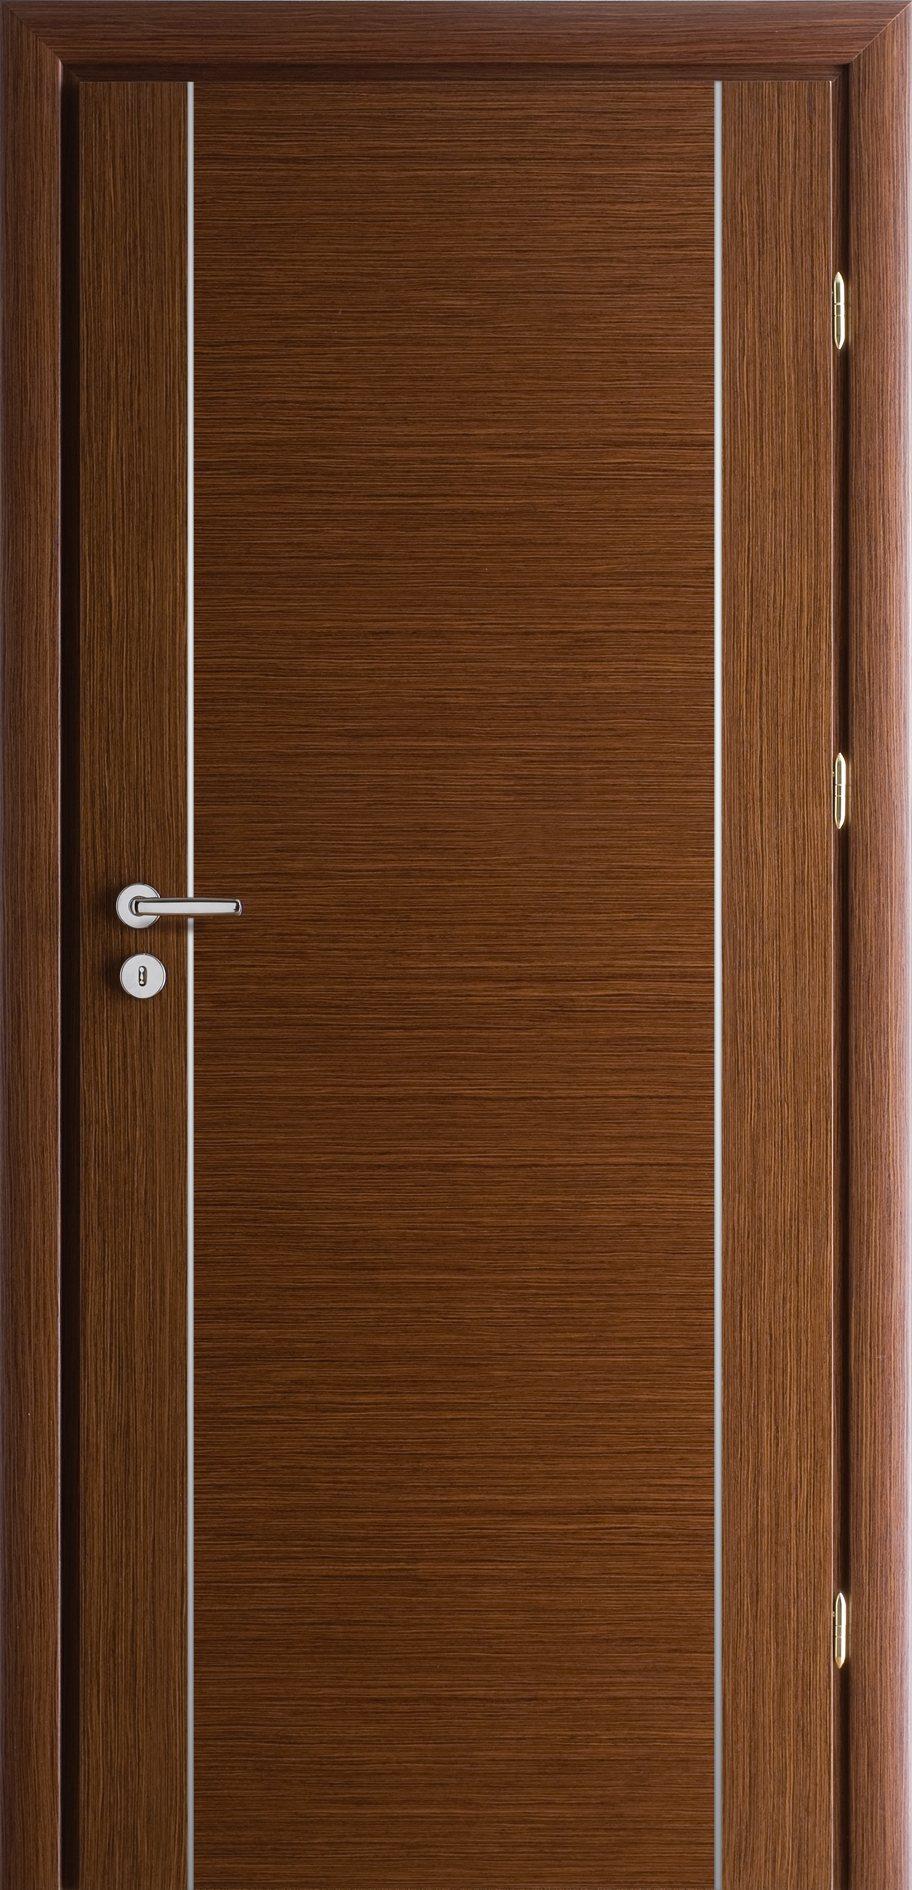 Dvere Porta Line, model A.3